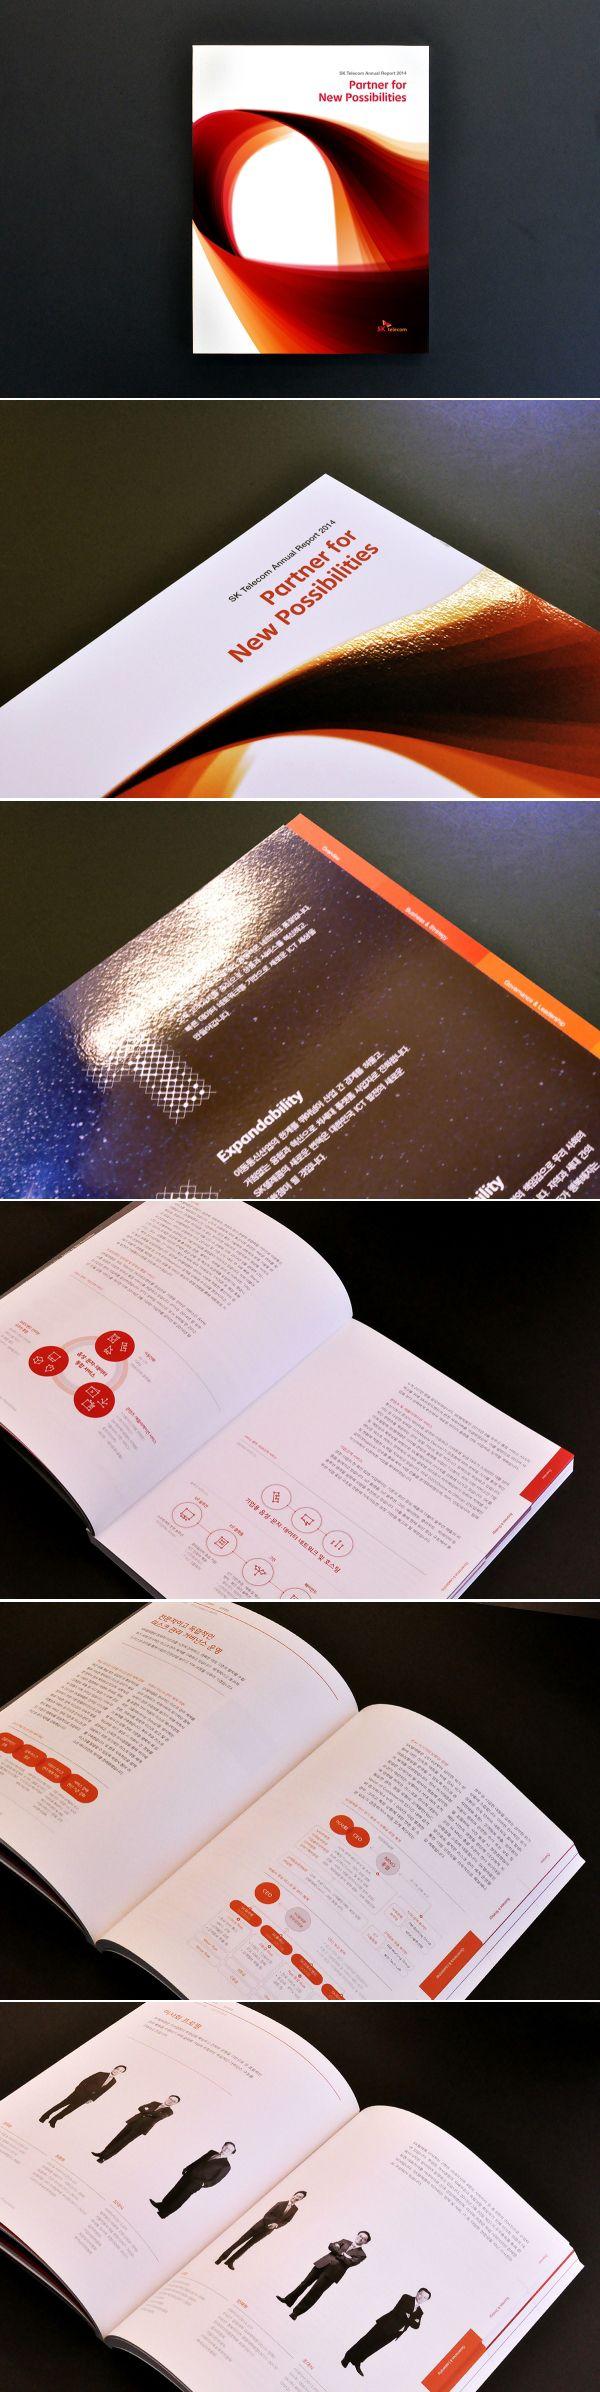 SK Telecom Annual Report 2014 - Partner for New Possibilities client : SK텔레콤(SK Telecom) design : 비스타디아(vistadia) contents : 레딧(redit), 한국생산성본부(kcp) launch : 2015 ARC Award Silver 수상